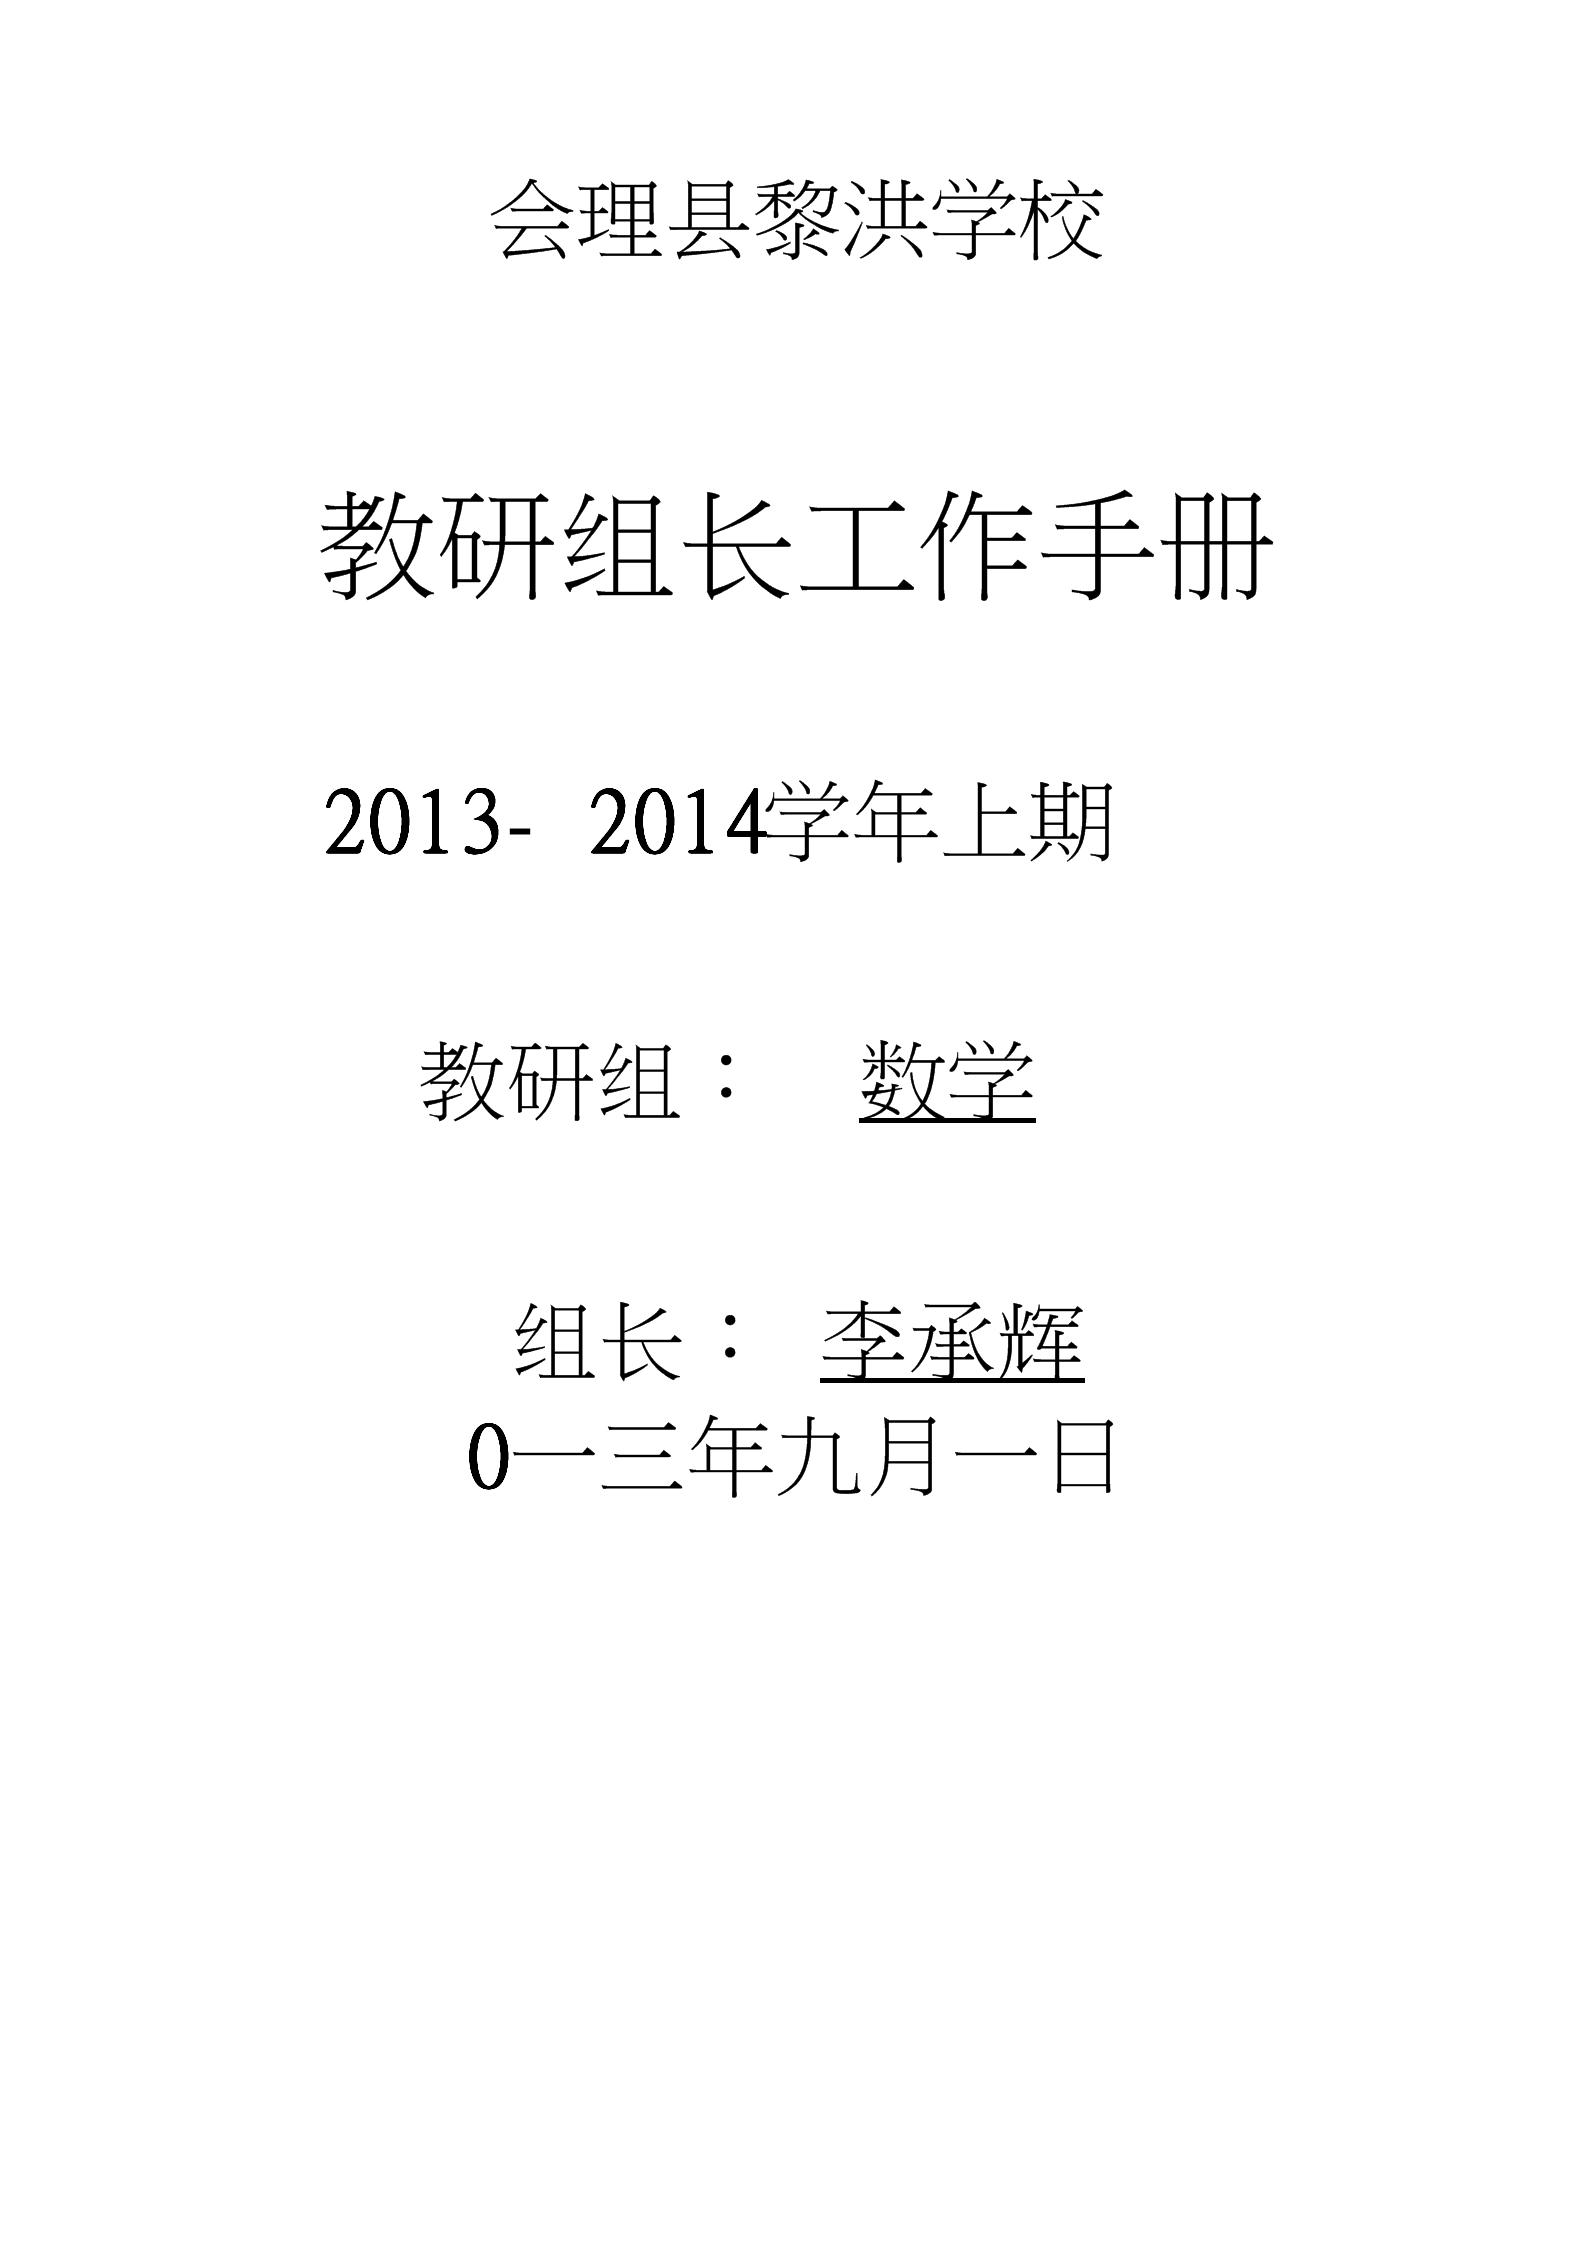 教研组长工作手册1.docx